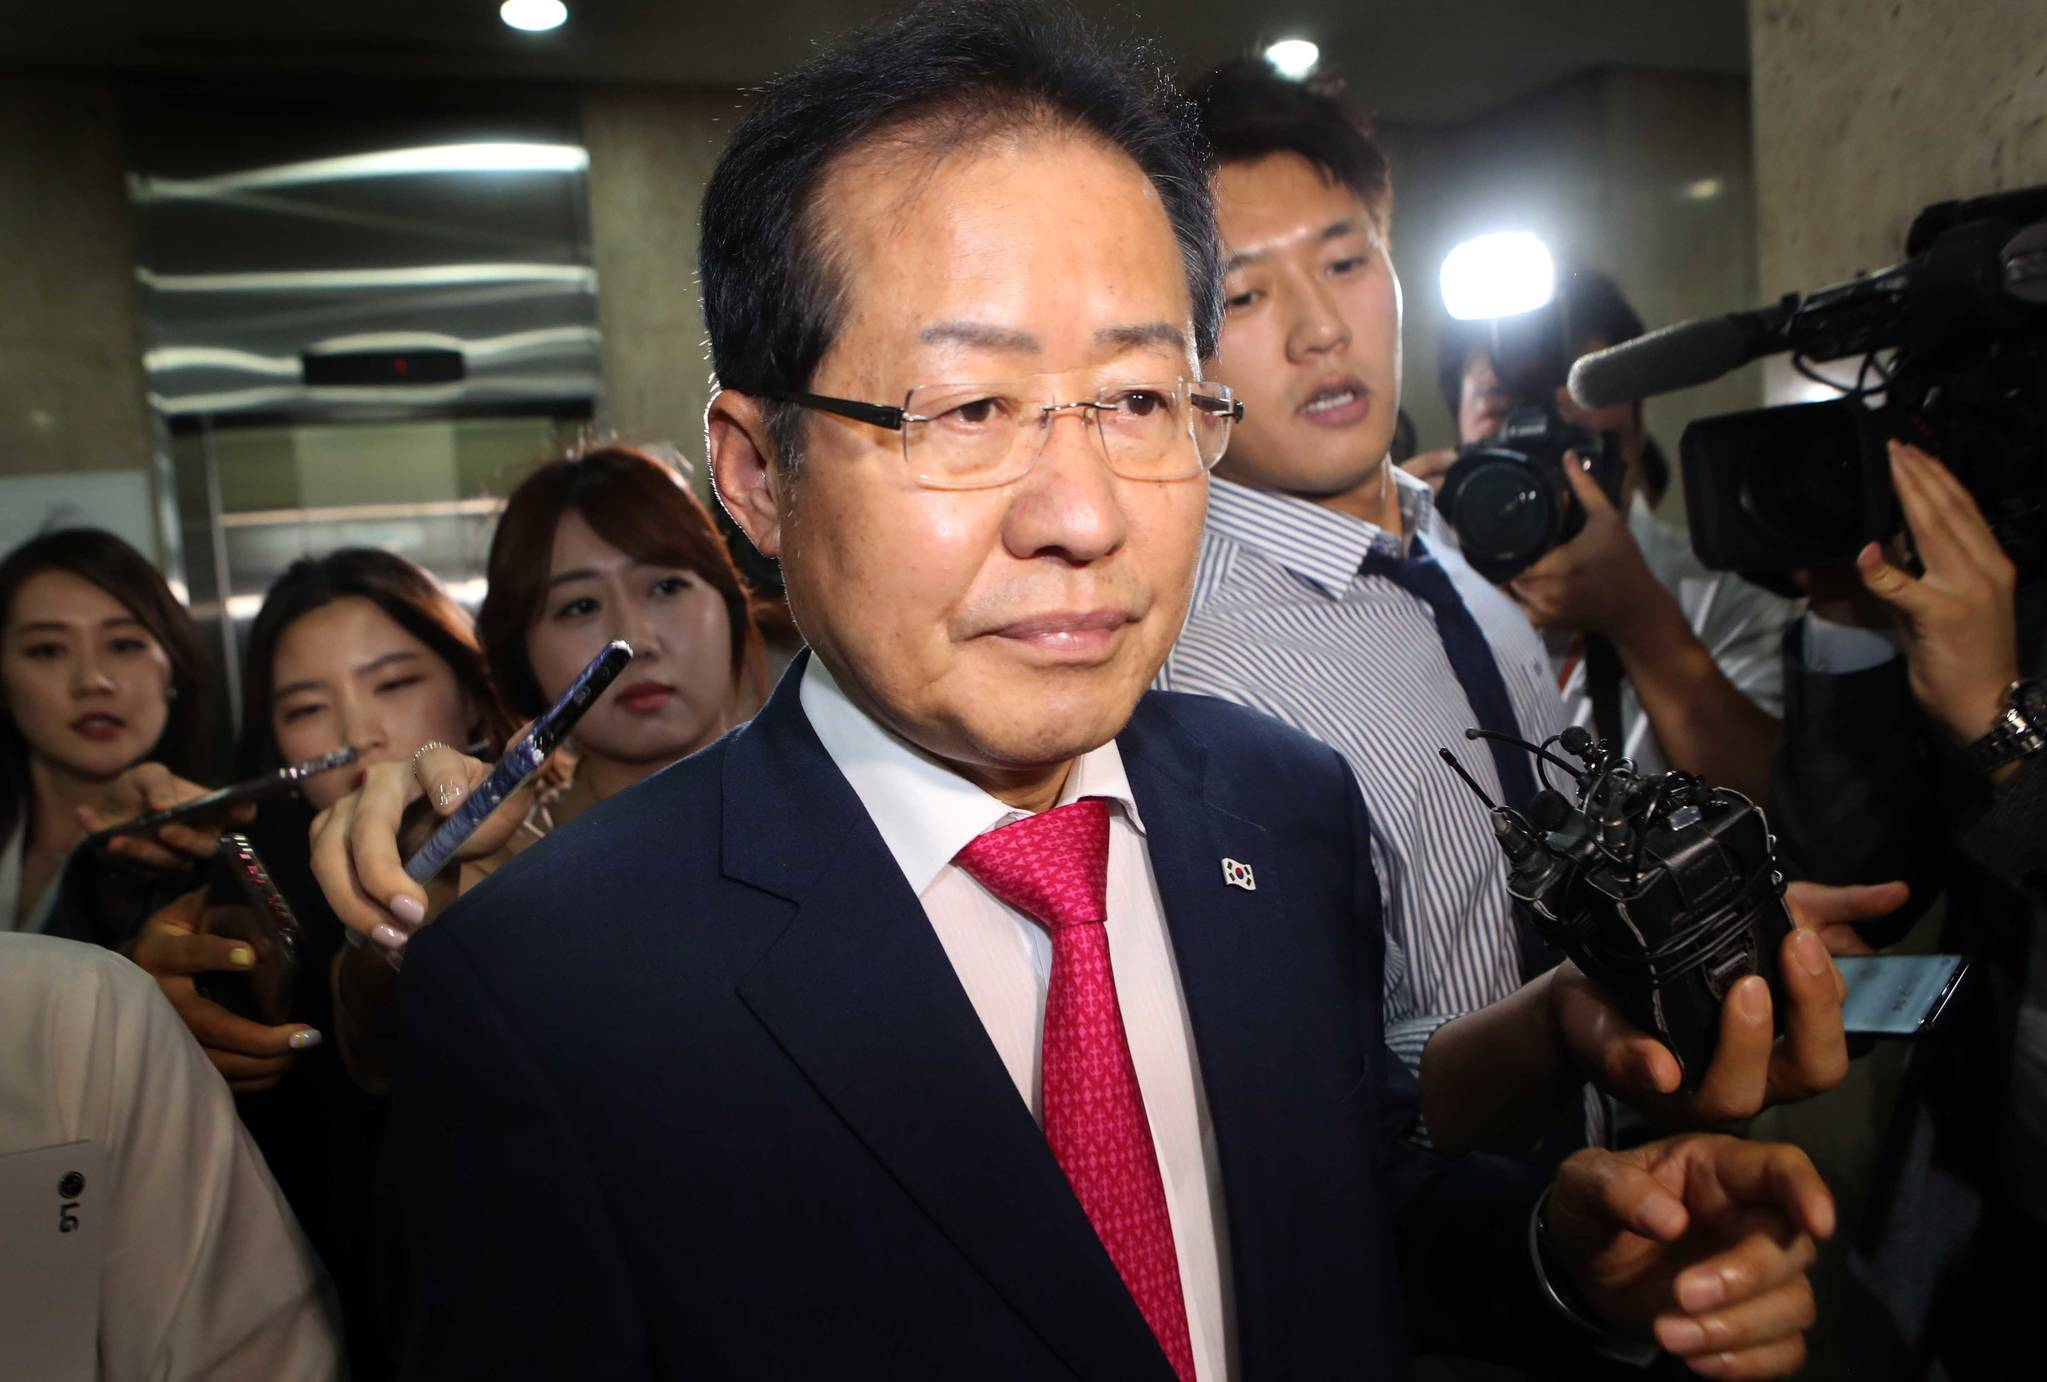 자유한국당 홍준표가 14일 지방선거 참패에 책임을 지고 대표직에서 사퇴한 뒤 당사를 나서고 있다.